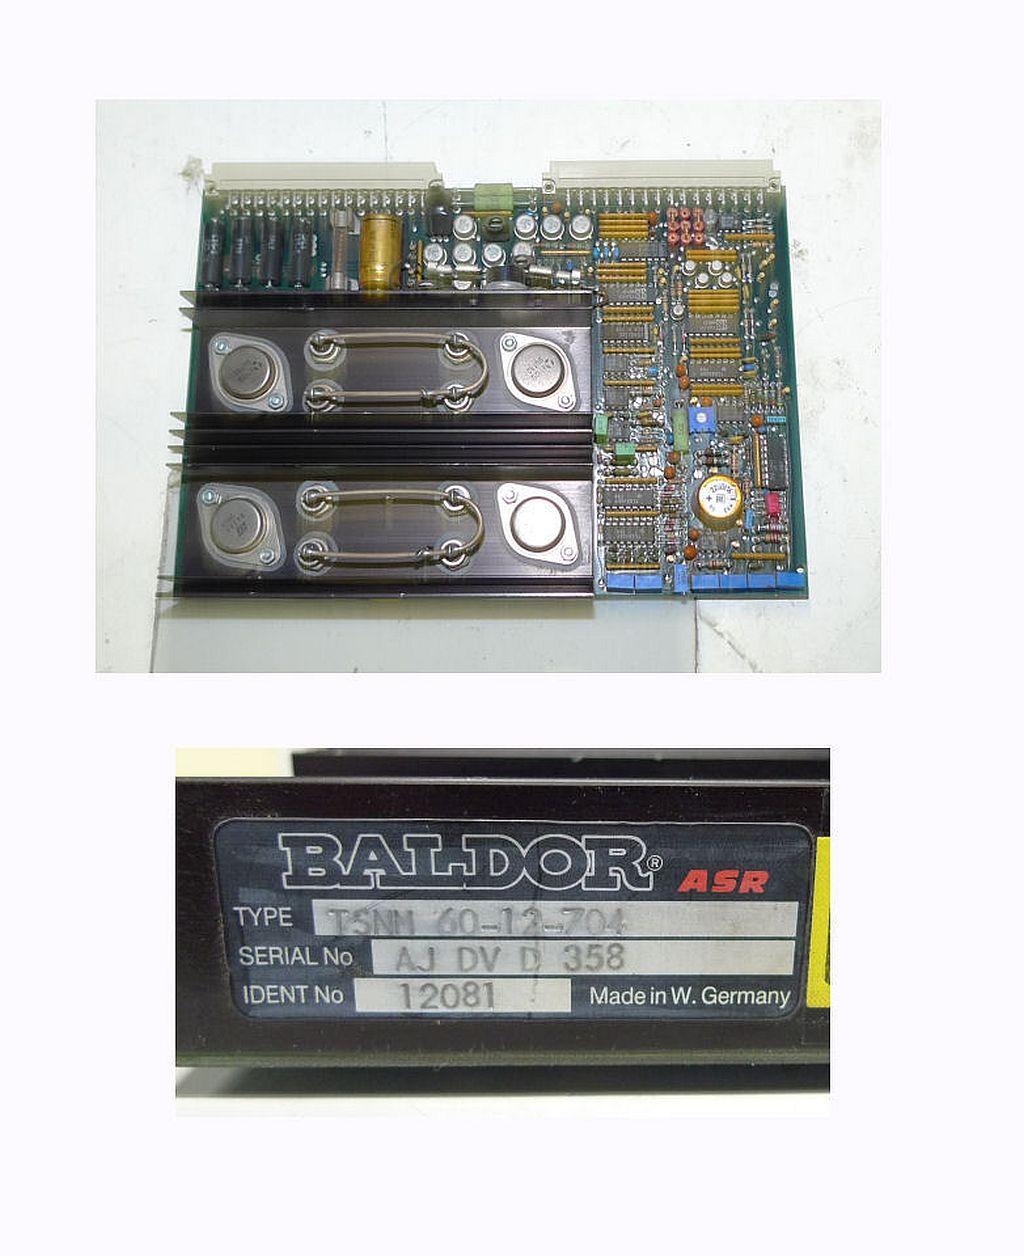 Baldor ASR TSNM 60-12-704